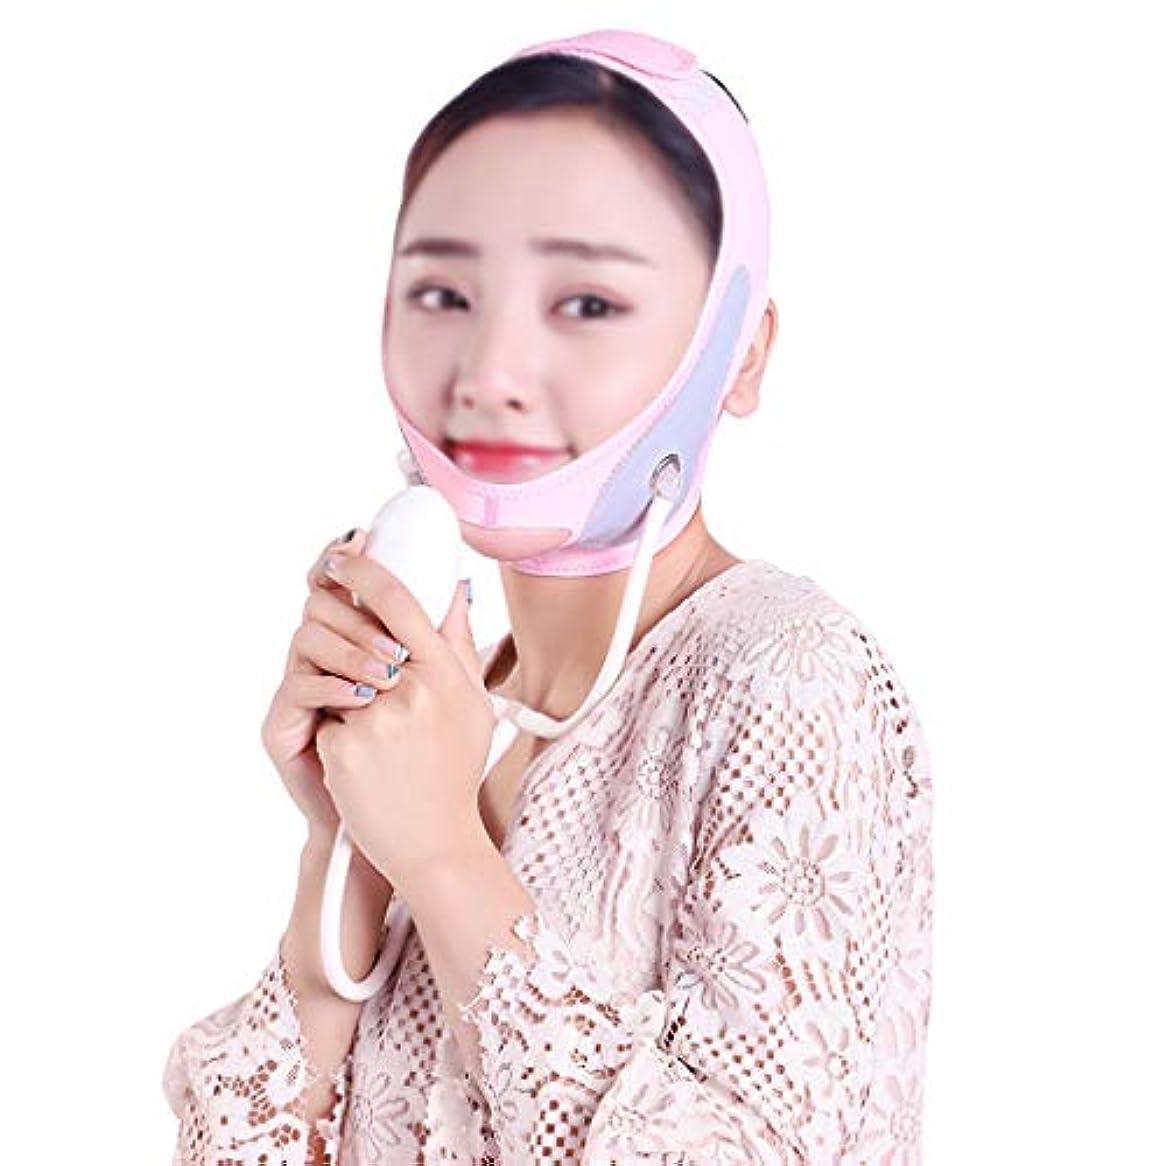 飾り羽アライアンス深遠GLJJQMY 膨脹可能なマスクは小さいVの表面を作成するために皮の形づけおよび引き締めパターン/二重あごの包帯の人工物を高めます 顔用整形マスク